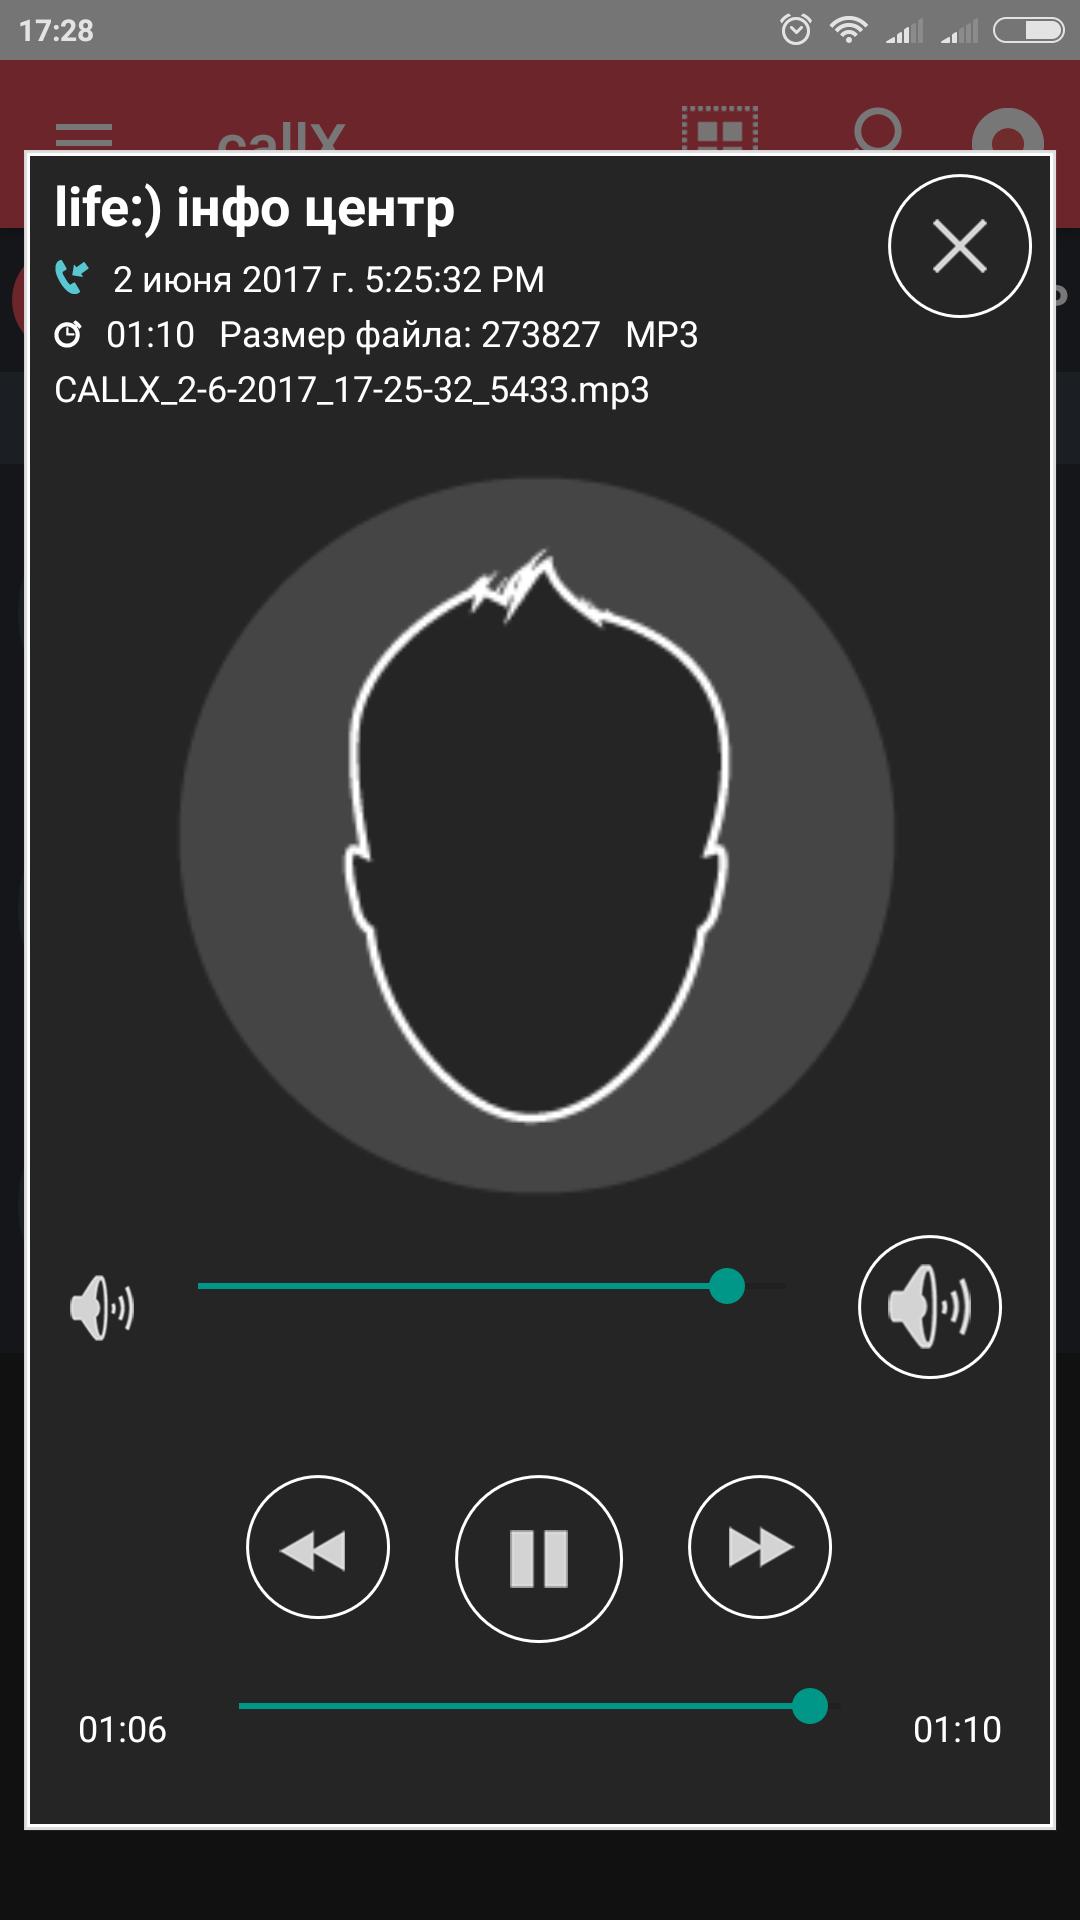 Приложение записи звонков скачать программа piriform ccleaner скачать бесплатно